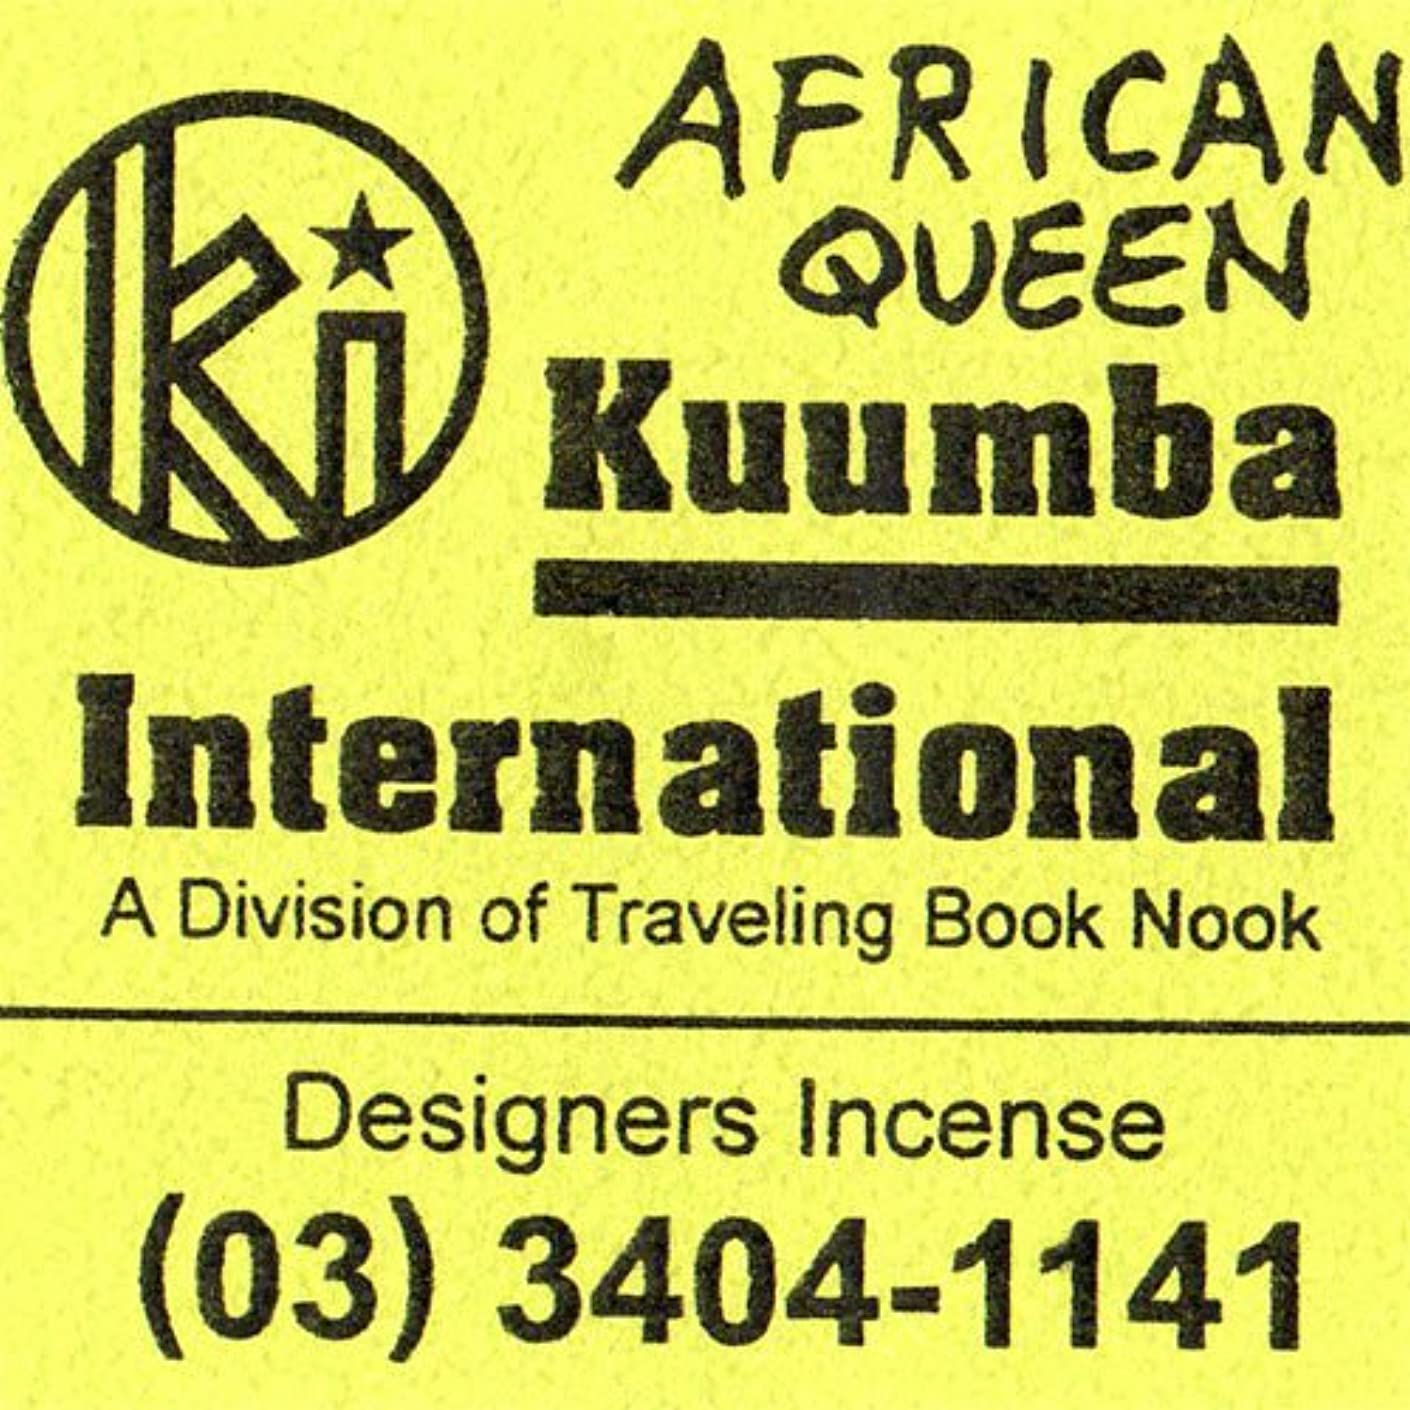 極貧ジェーンオースティンビデオ(クンバ) KUUMBA『incense』(AFRICAN QUEEN) (Regular size)